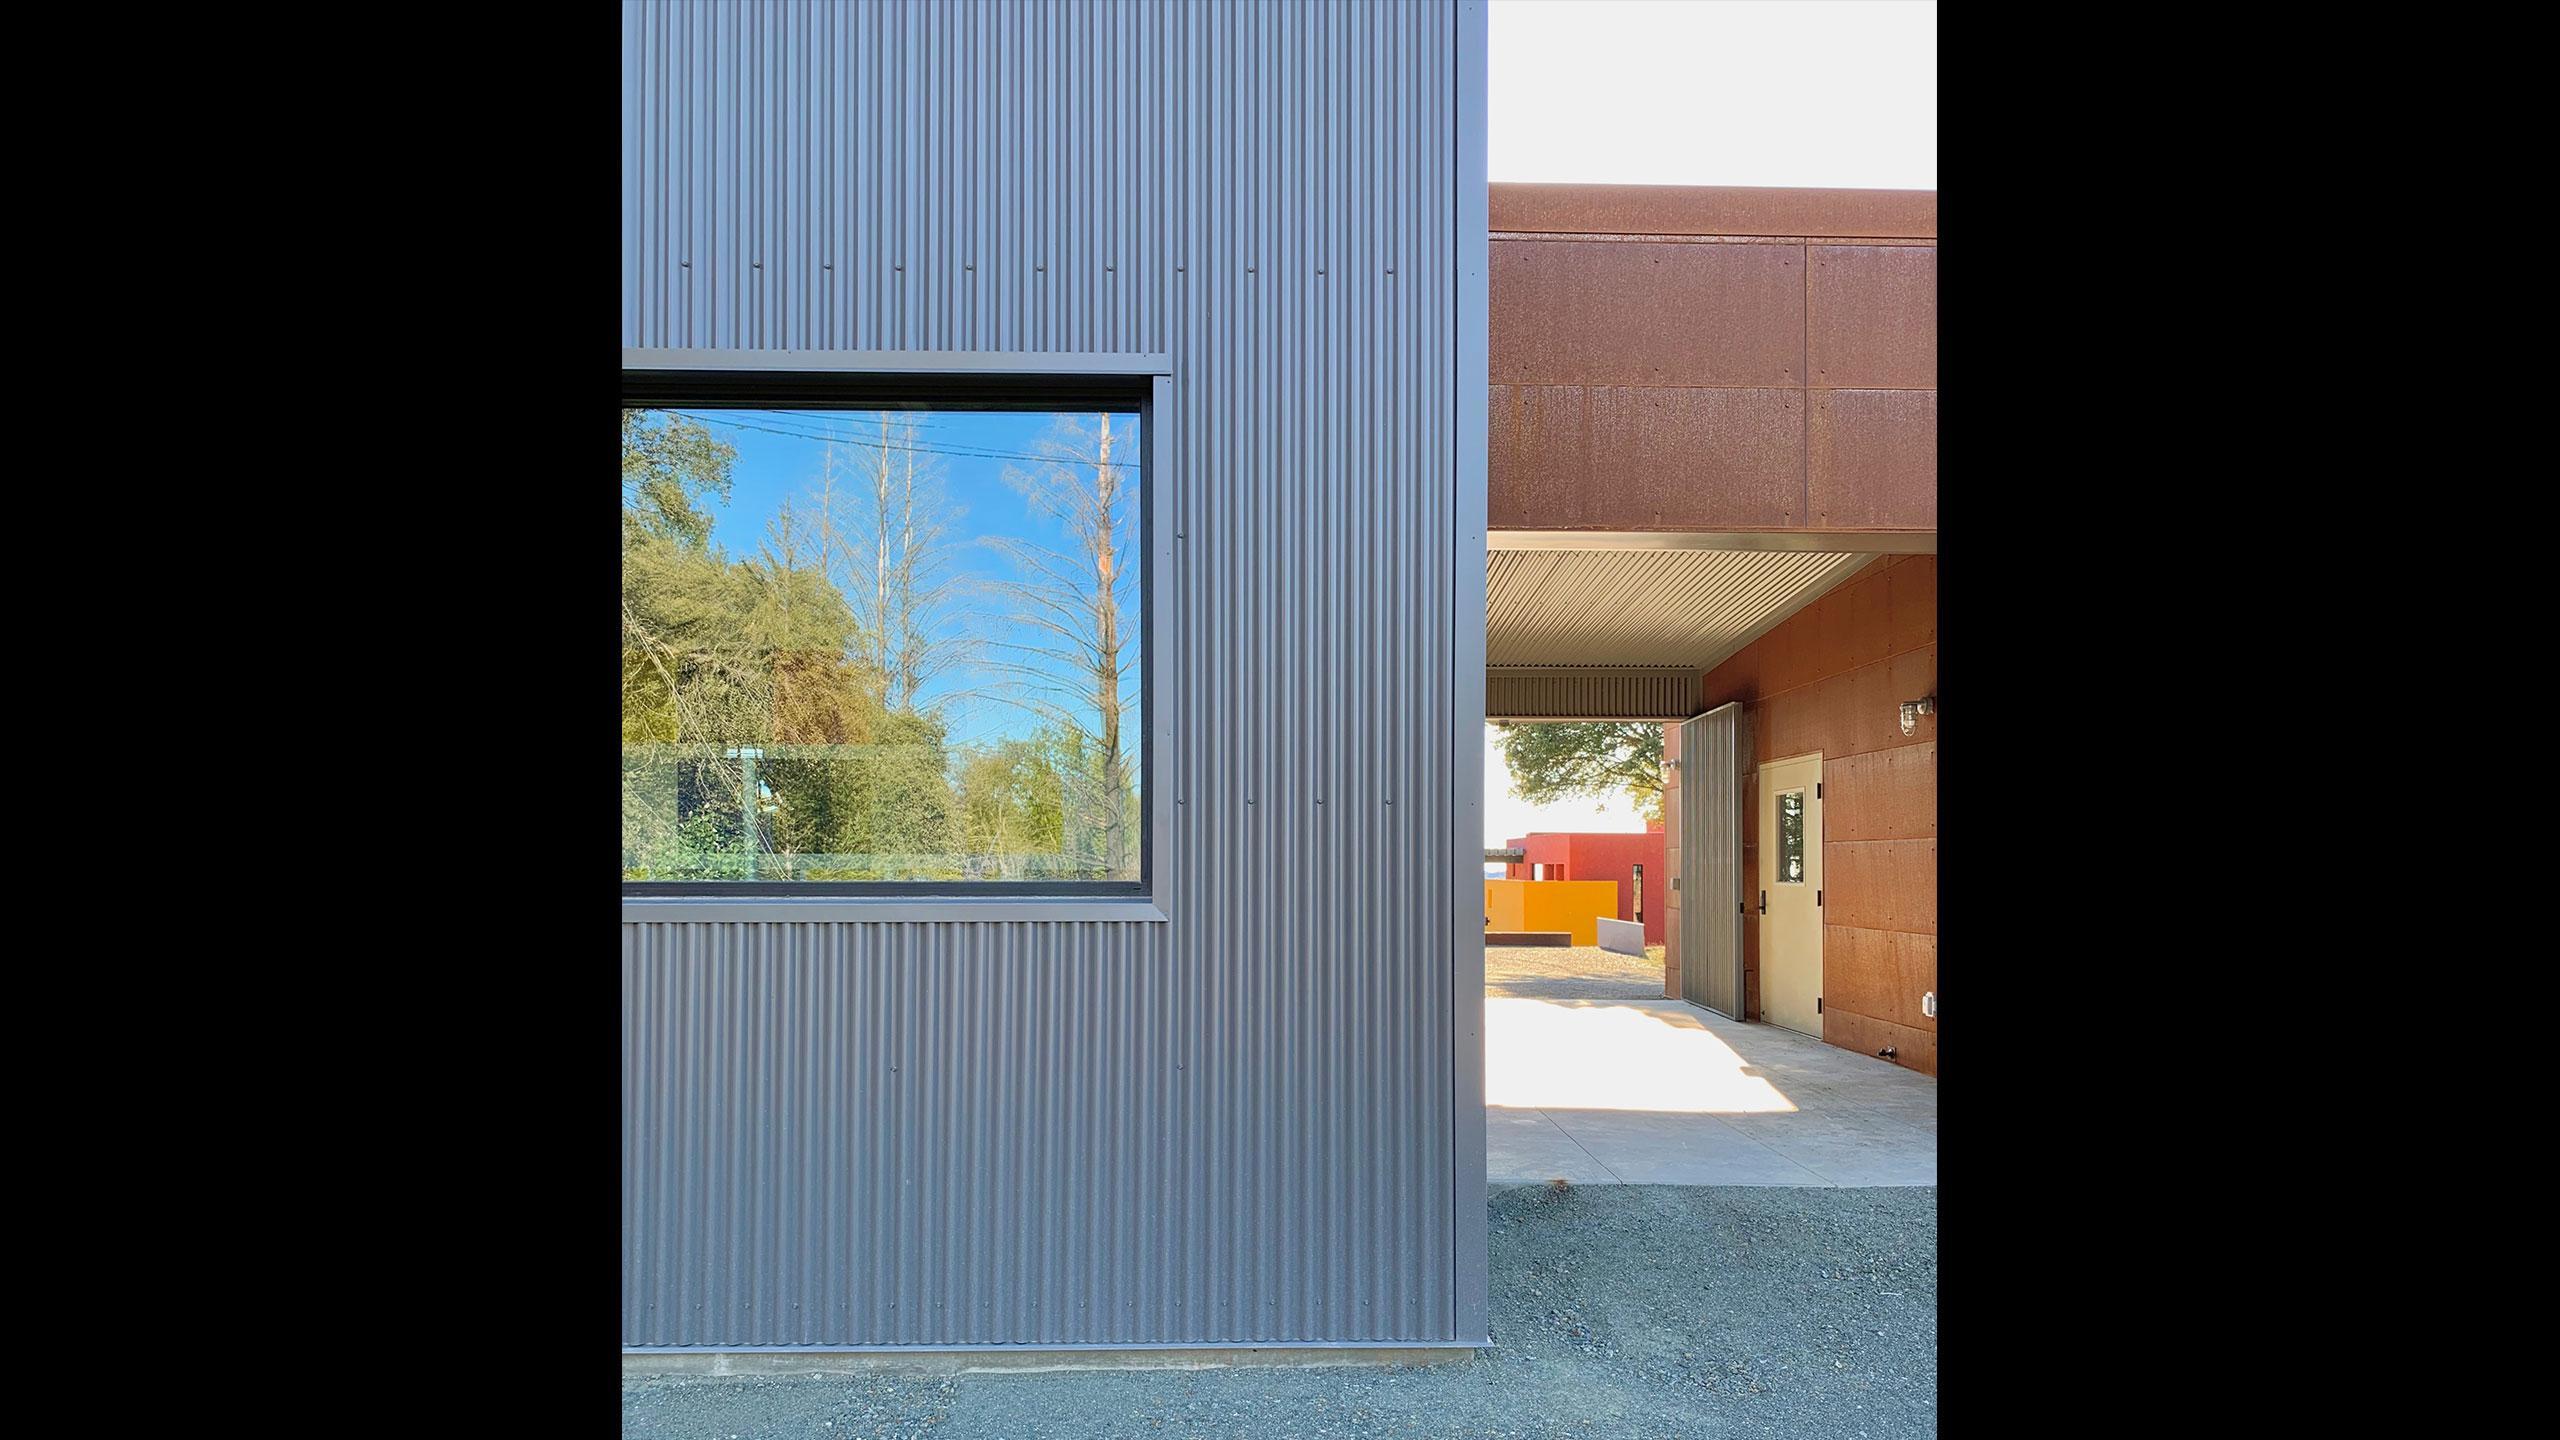 Glen-Ellen-metal-prefab-corten-steel-and-corrugated-metal-facade